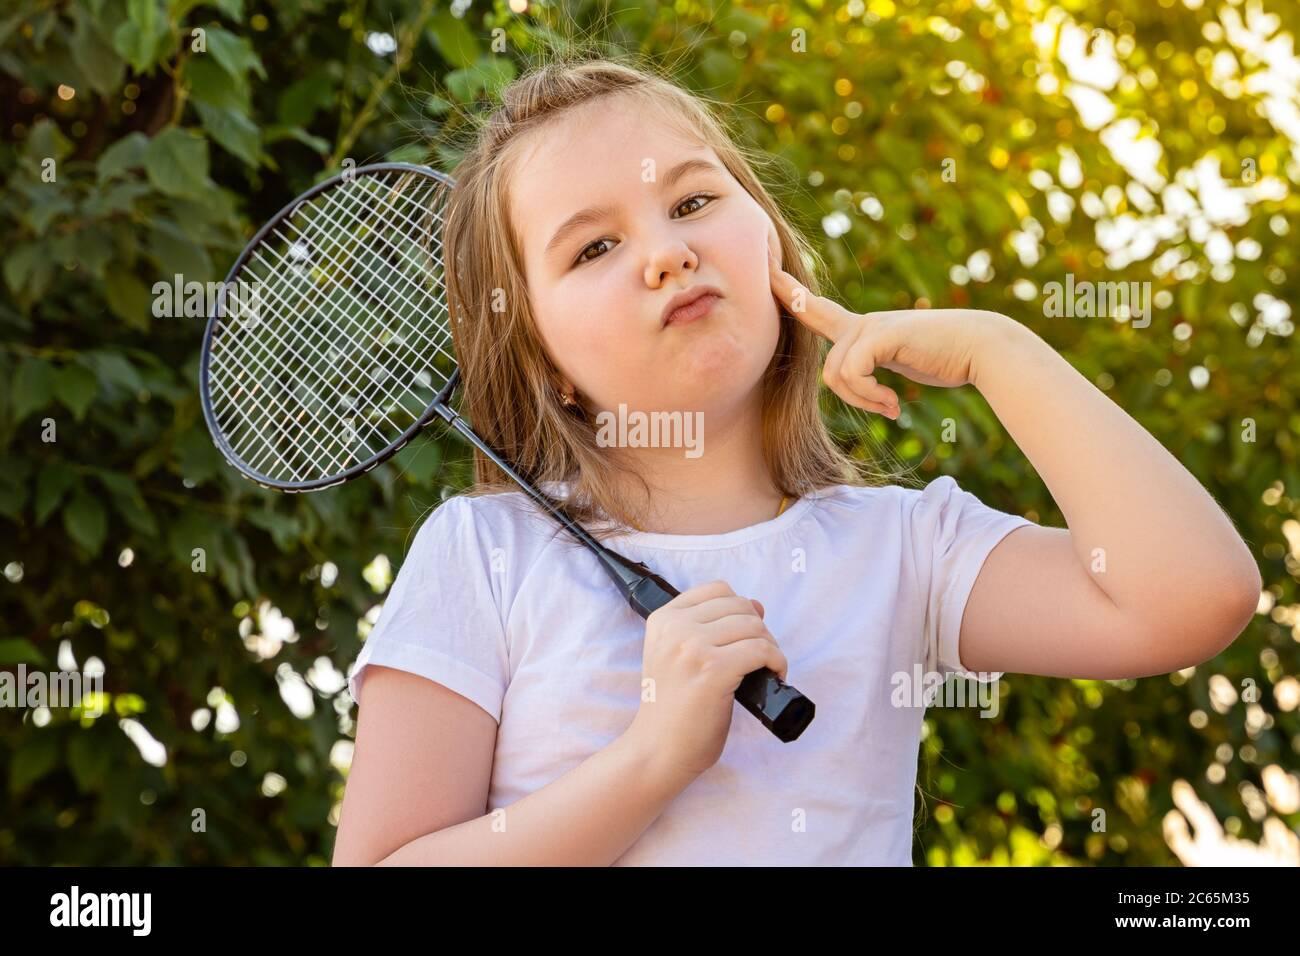 Una niña hace bromeantemente una cara glamorosa. Una chica linda jugando al badminton al aire libre en un día cálido y soleado de verano. Foto de stock